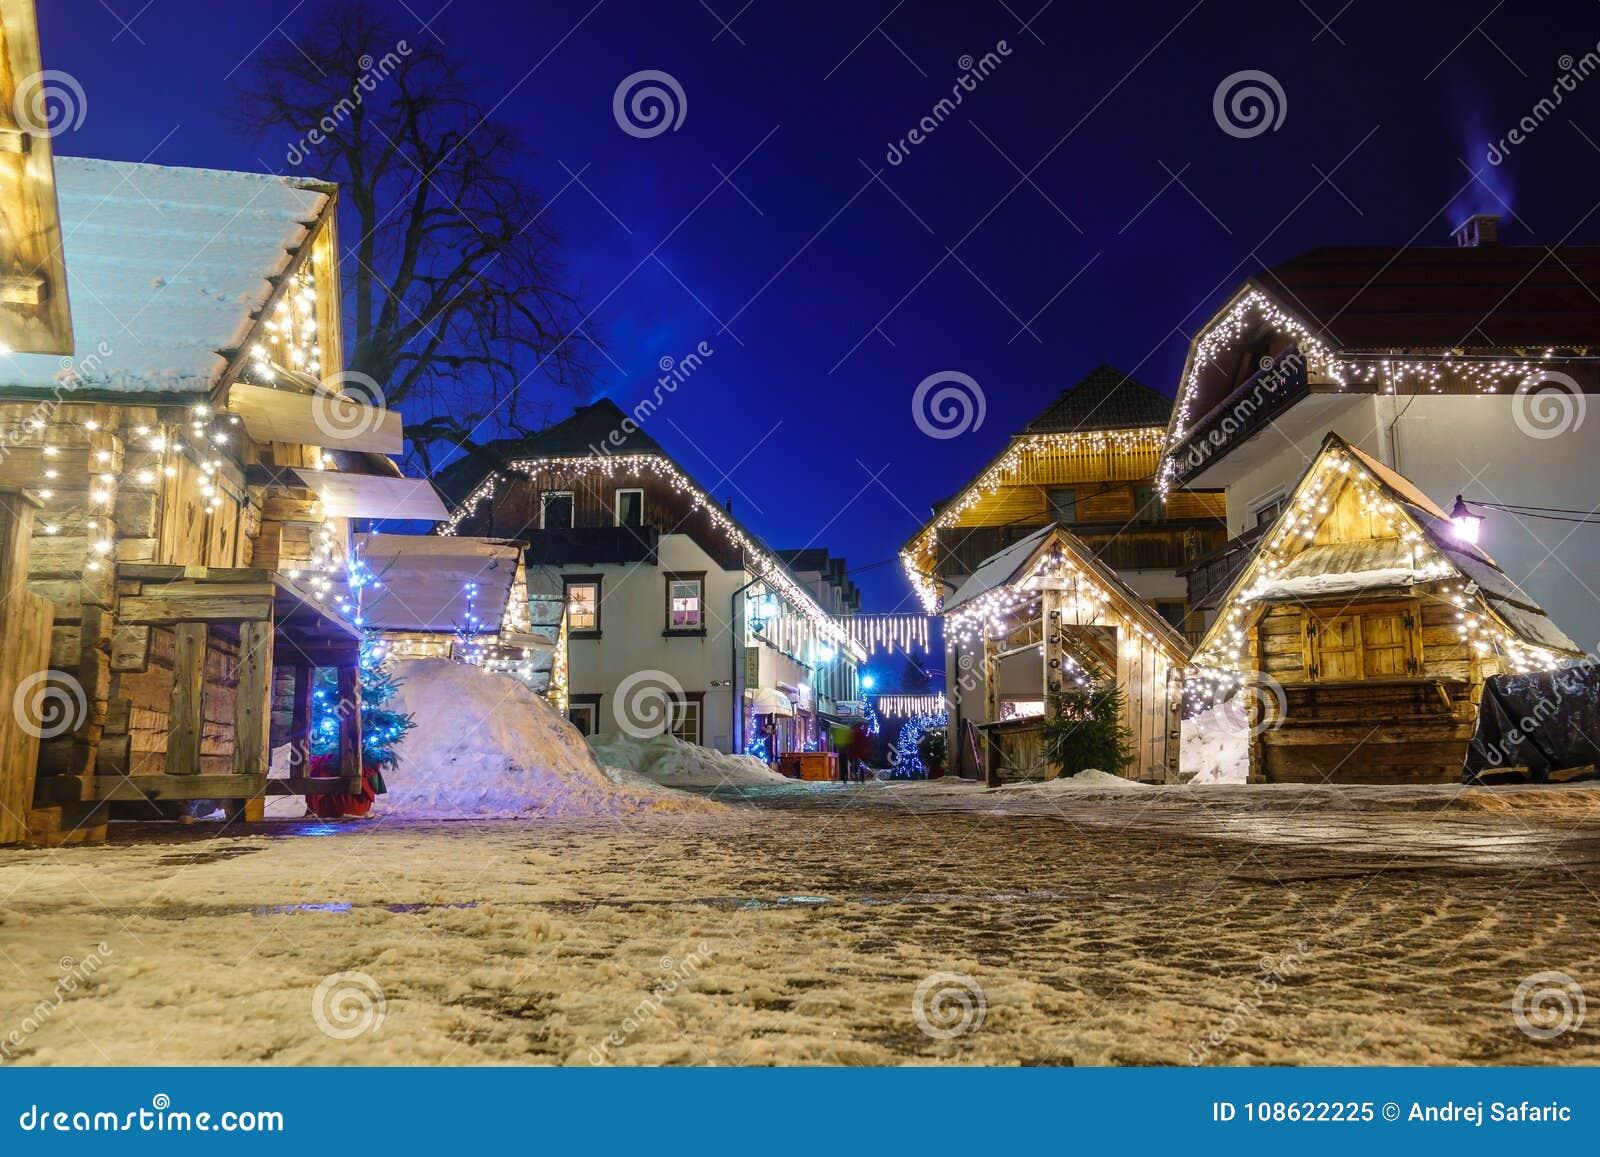 克拉尼斯卡戈拉圣诞节在夜之前装饰了方形,高山村庄